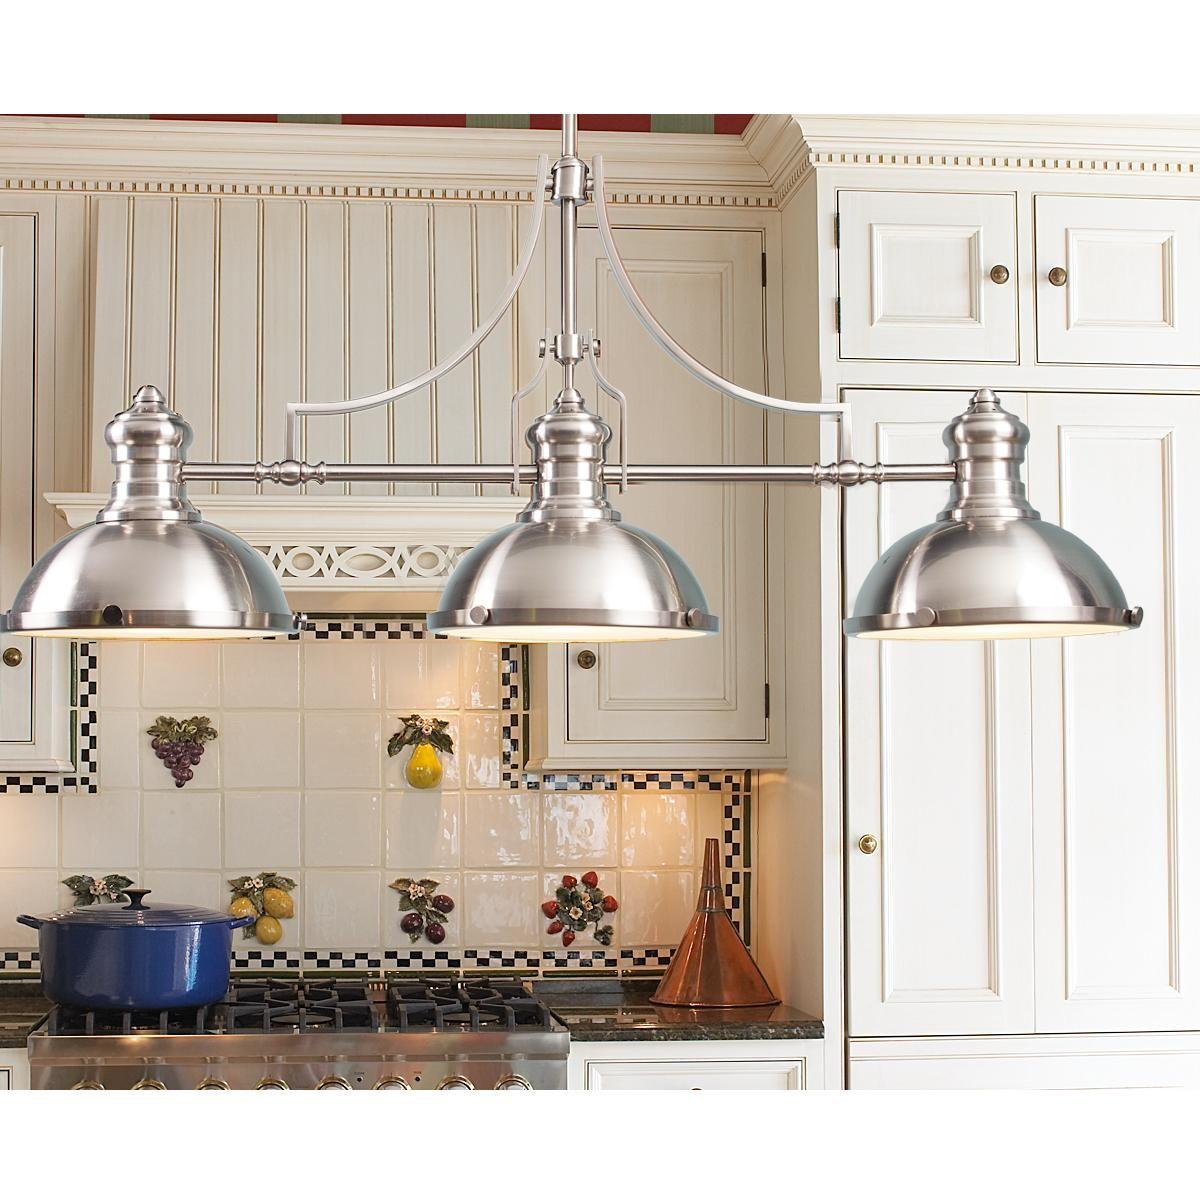 Craftsman Period Island Chandelier 3 Light Kitchen